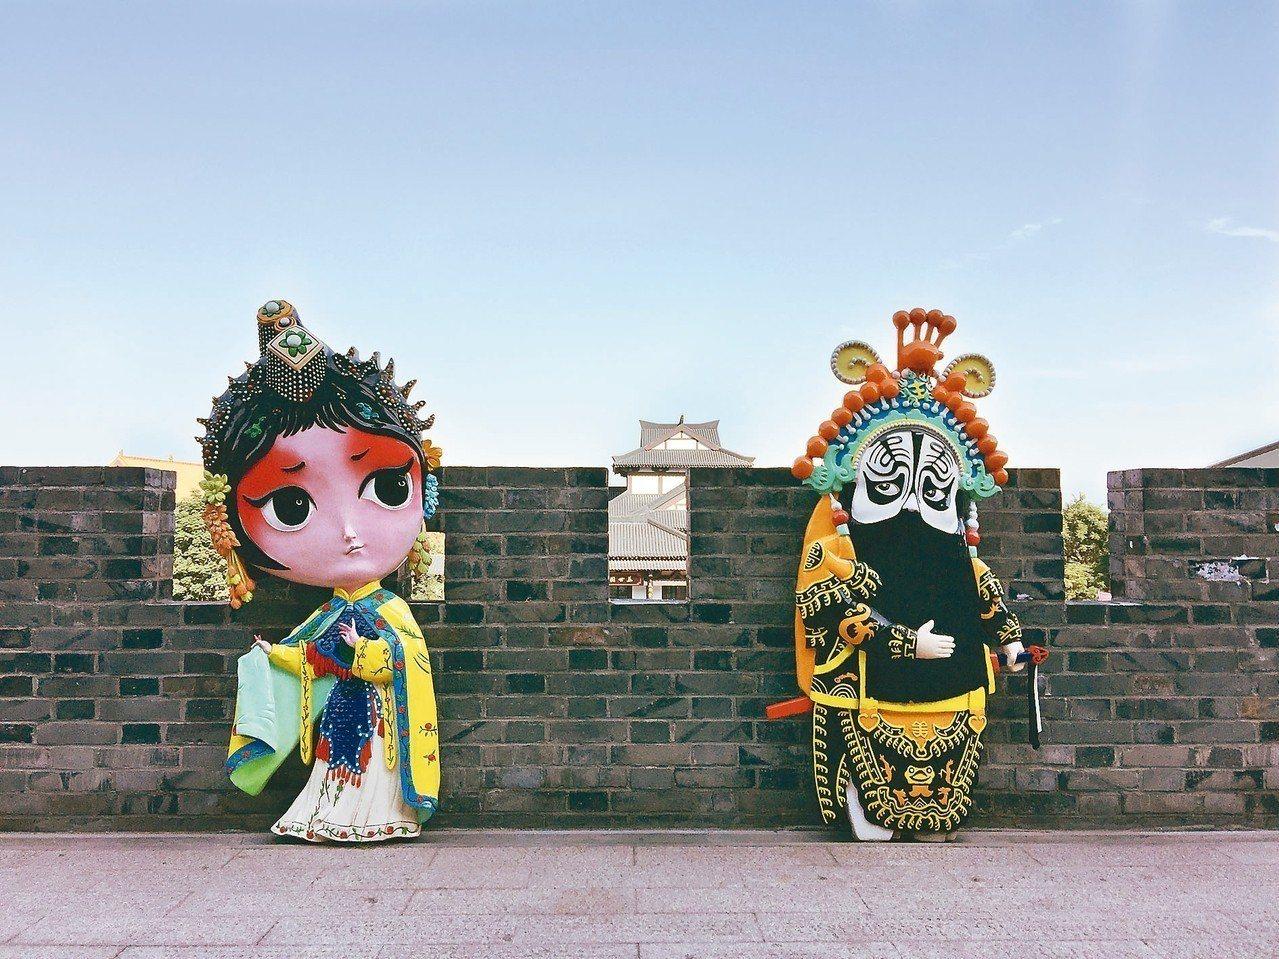 景區內項羽虞姬Q版卡通像,造型可愛,沖淡「霸王別姬」傷感。